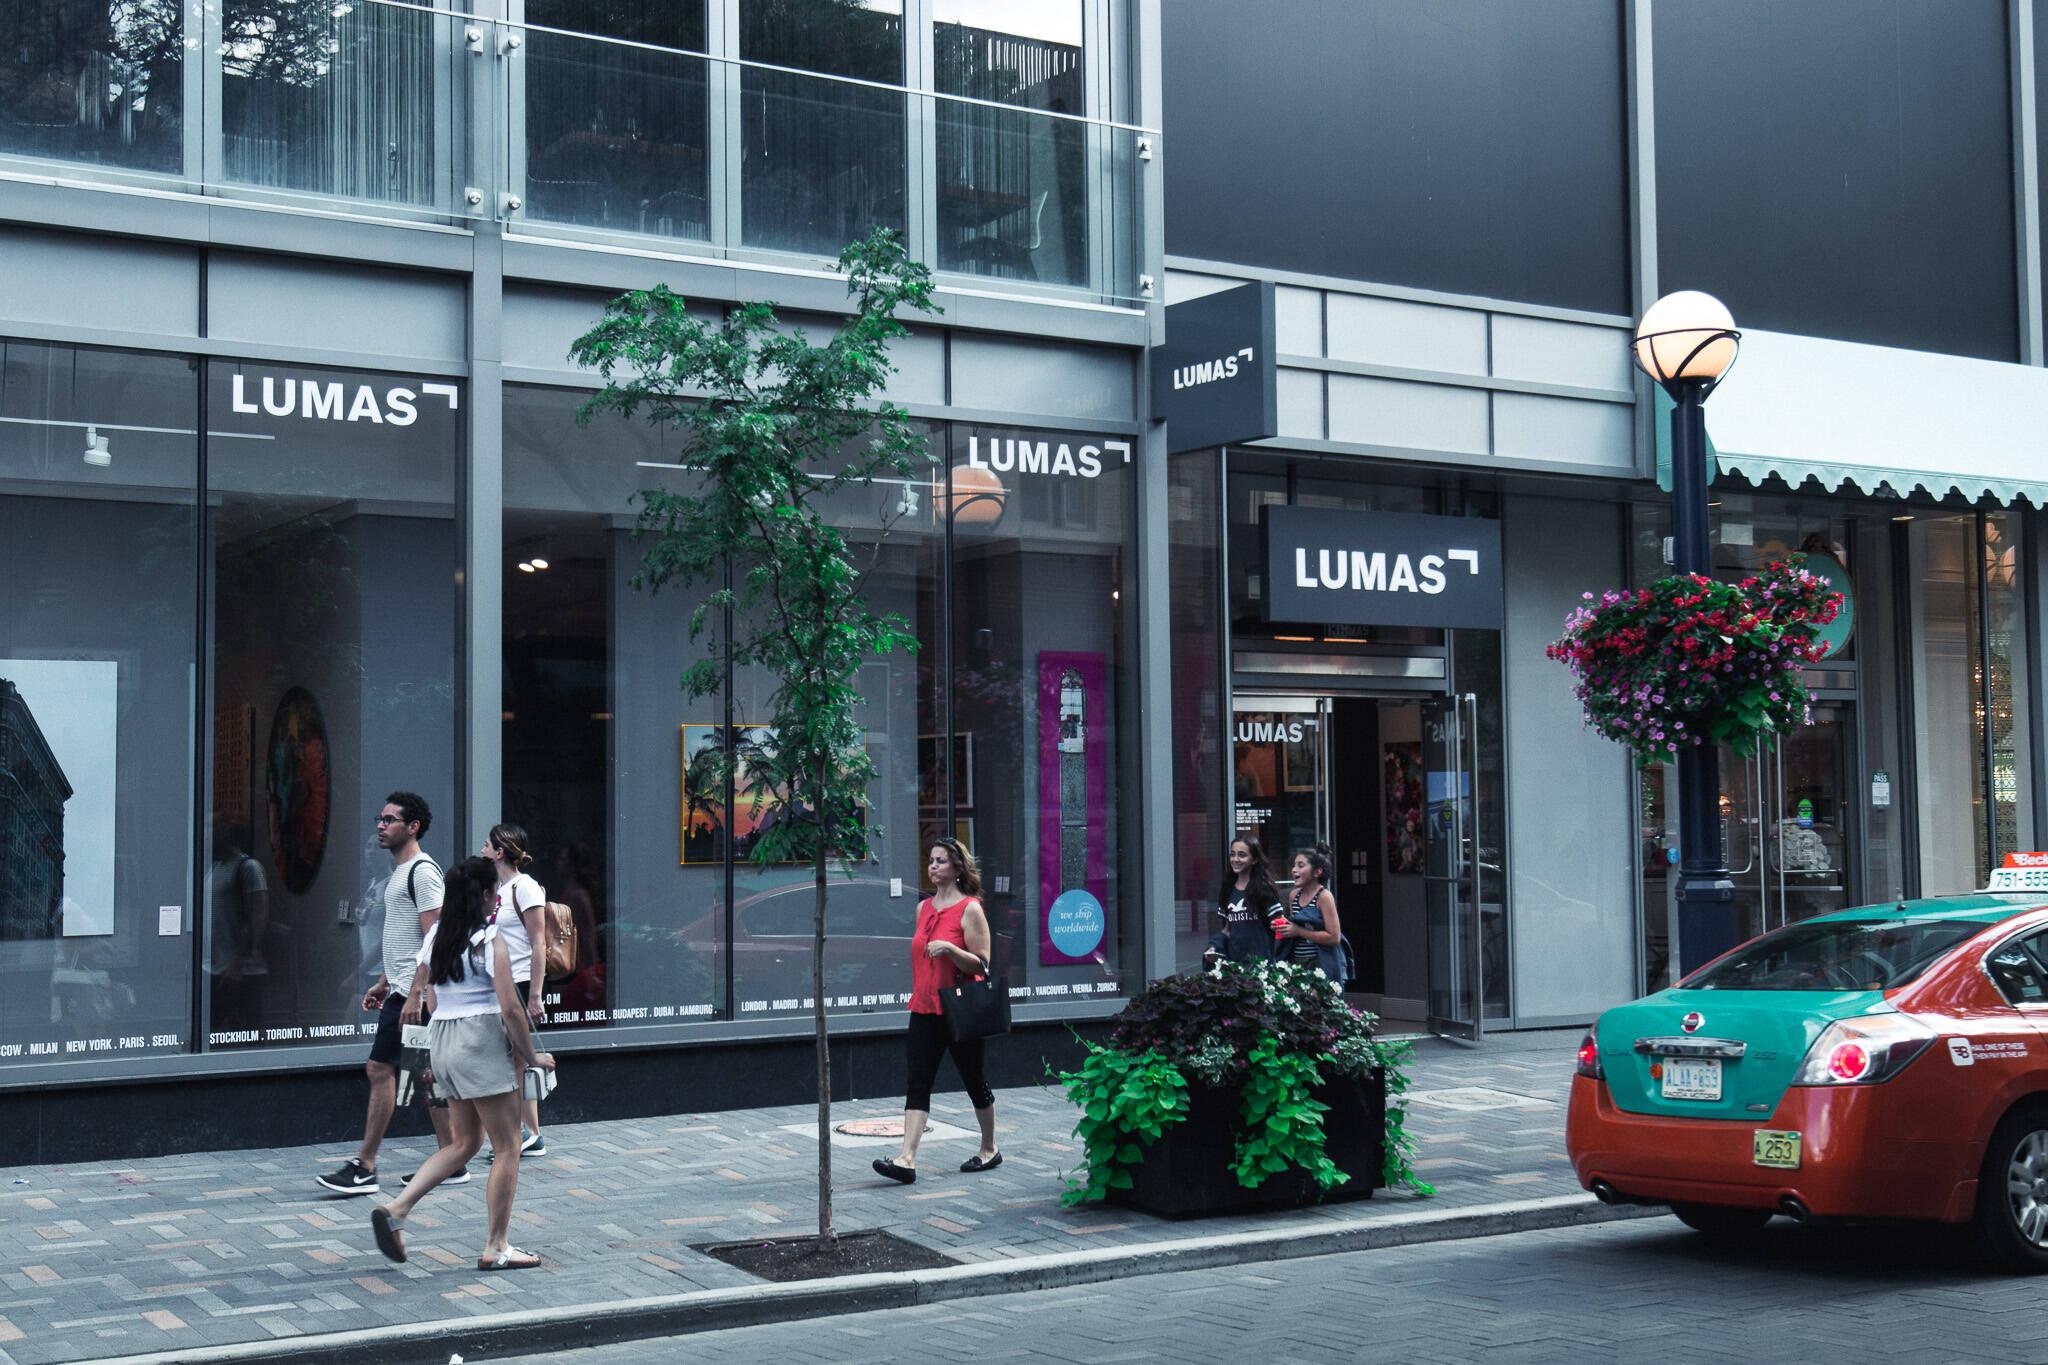 LUMAS Toronto